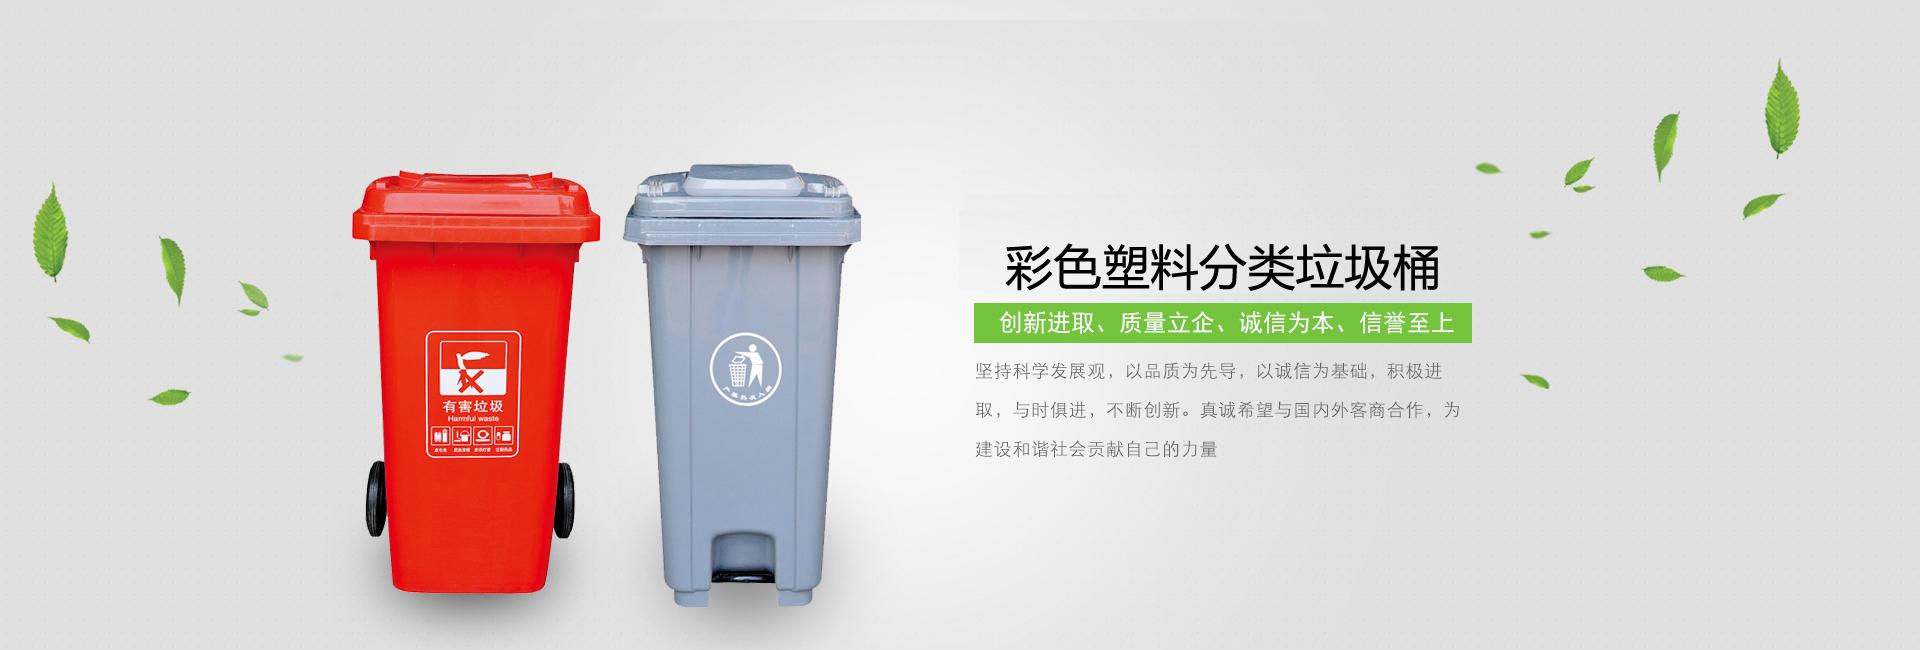 批发订制生产垃圾桶,304不锈钢垃圾桶,分类垃圾桶,脚踏垃圾桶,玻璃钢垃圾桶